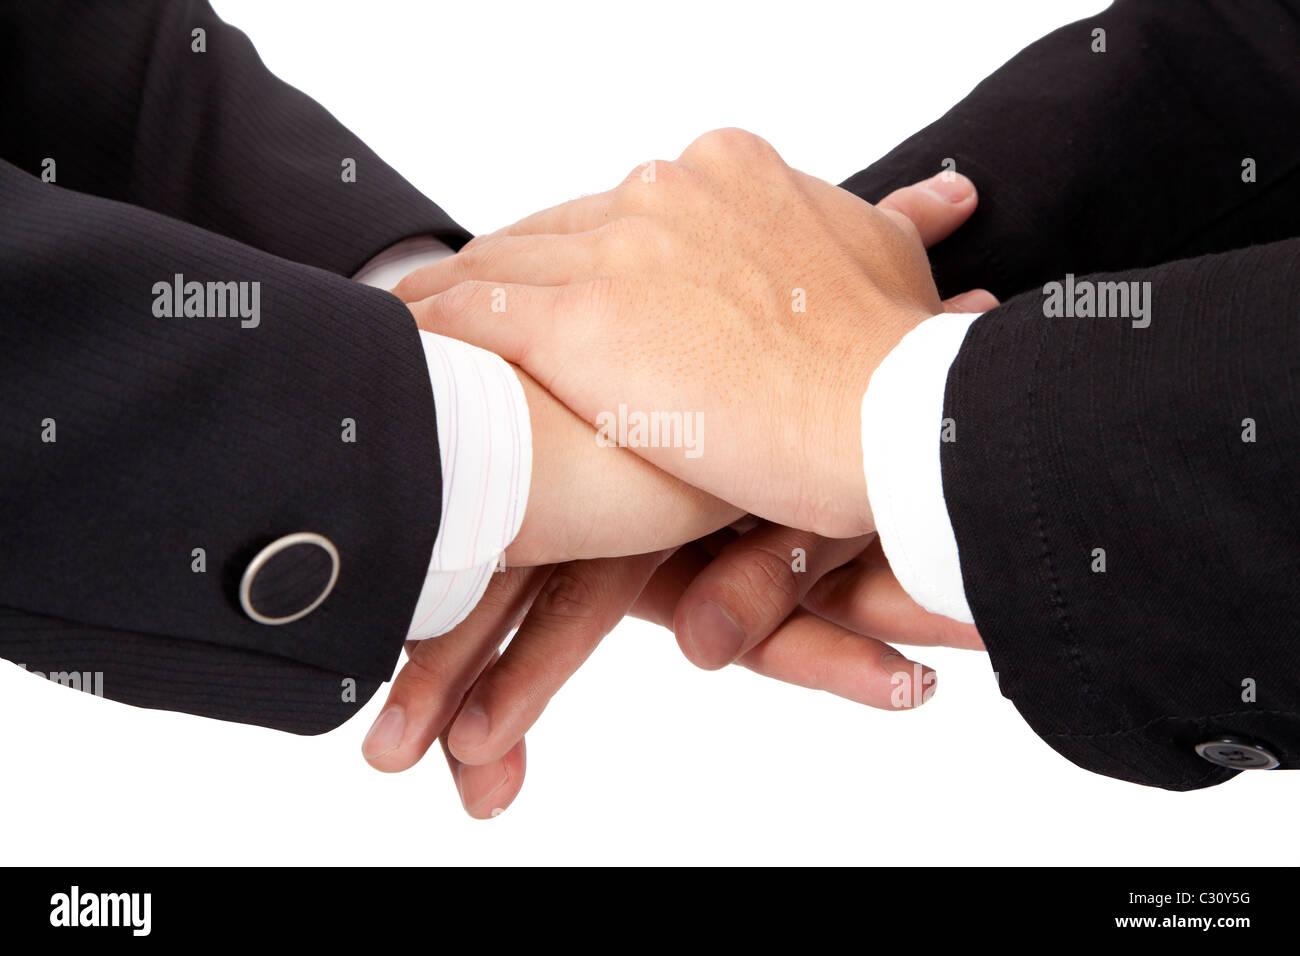 La confiance et la coopération. concept de mains empilés Photo Stock